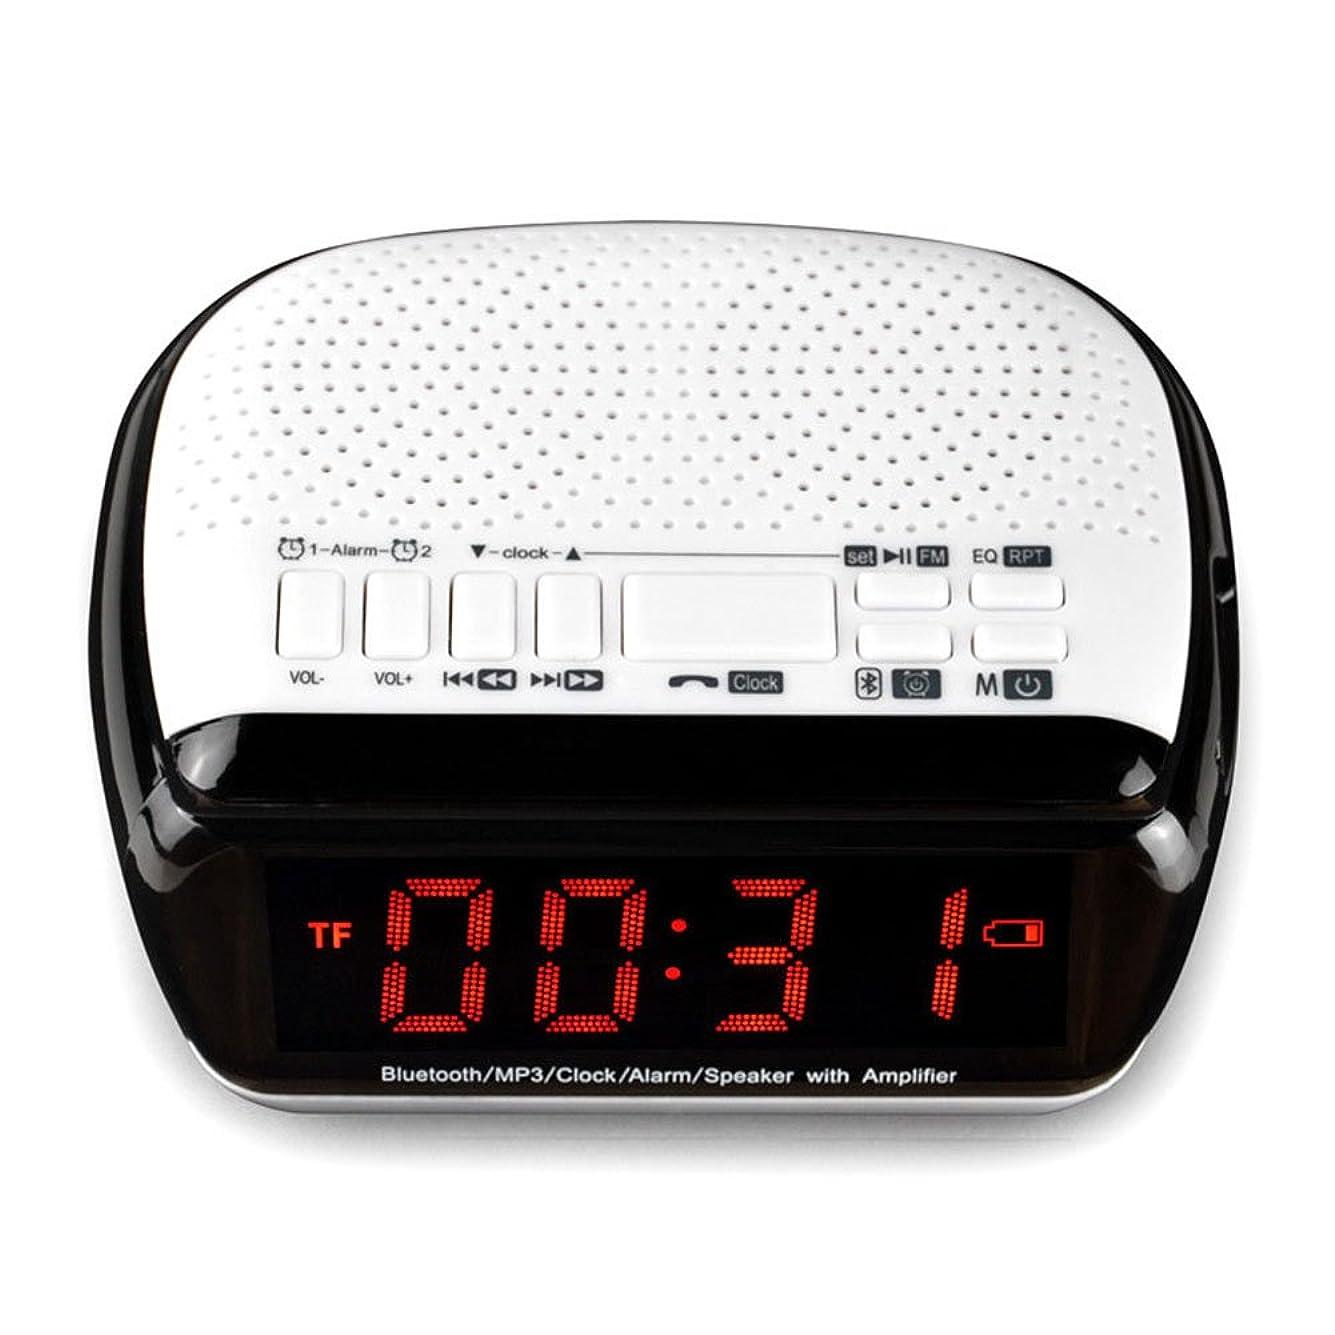 スライスベーコン貨物Yimoer ポータブル スピーカー ラウドスピーカー 高音質 割に合う製品でござる スマートワイヤレスブルートゥースデジタルディスプレイFMラジオ付きBluetoothのステレオスピーカー音楽プレーヤーLEDデュアル目覚まし時計